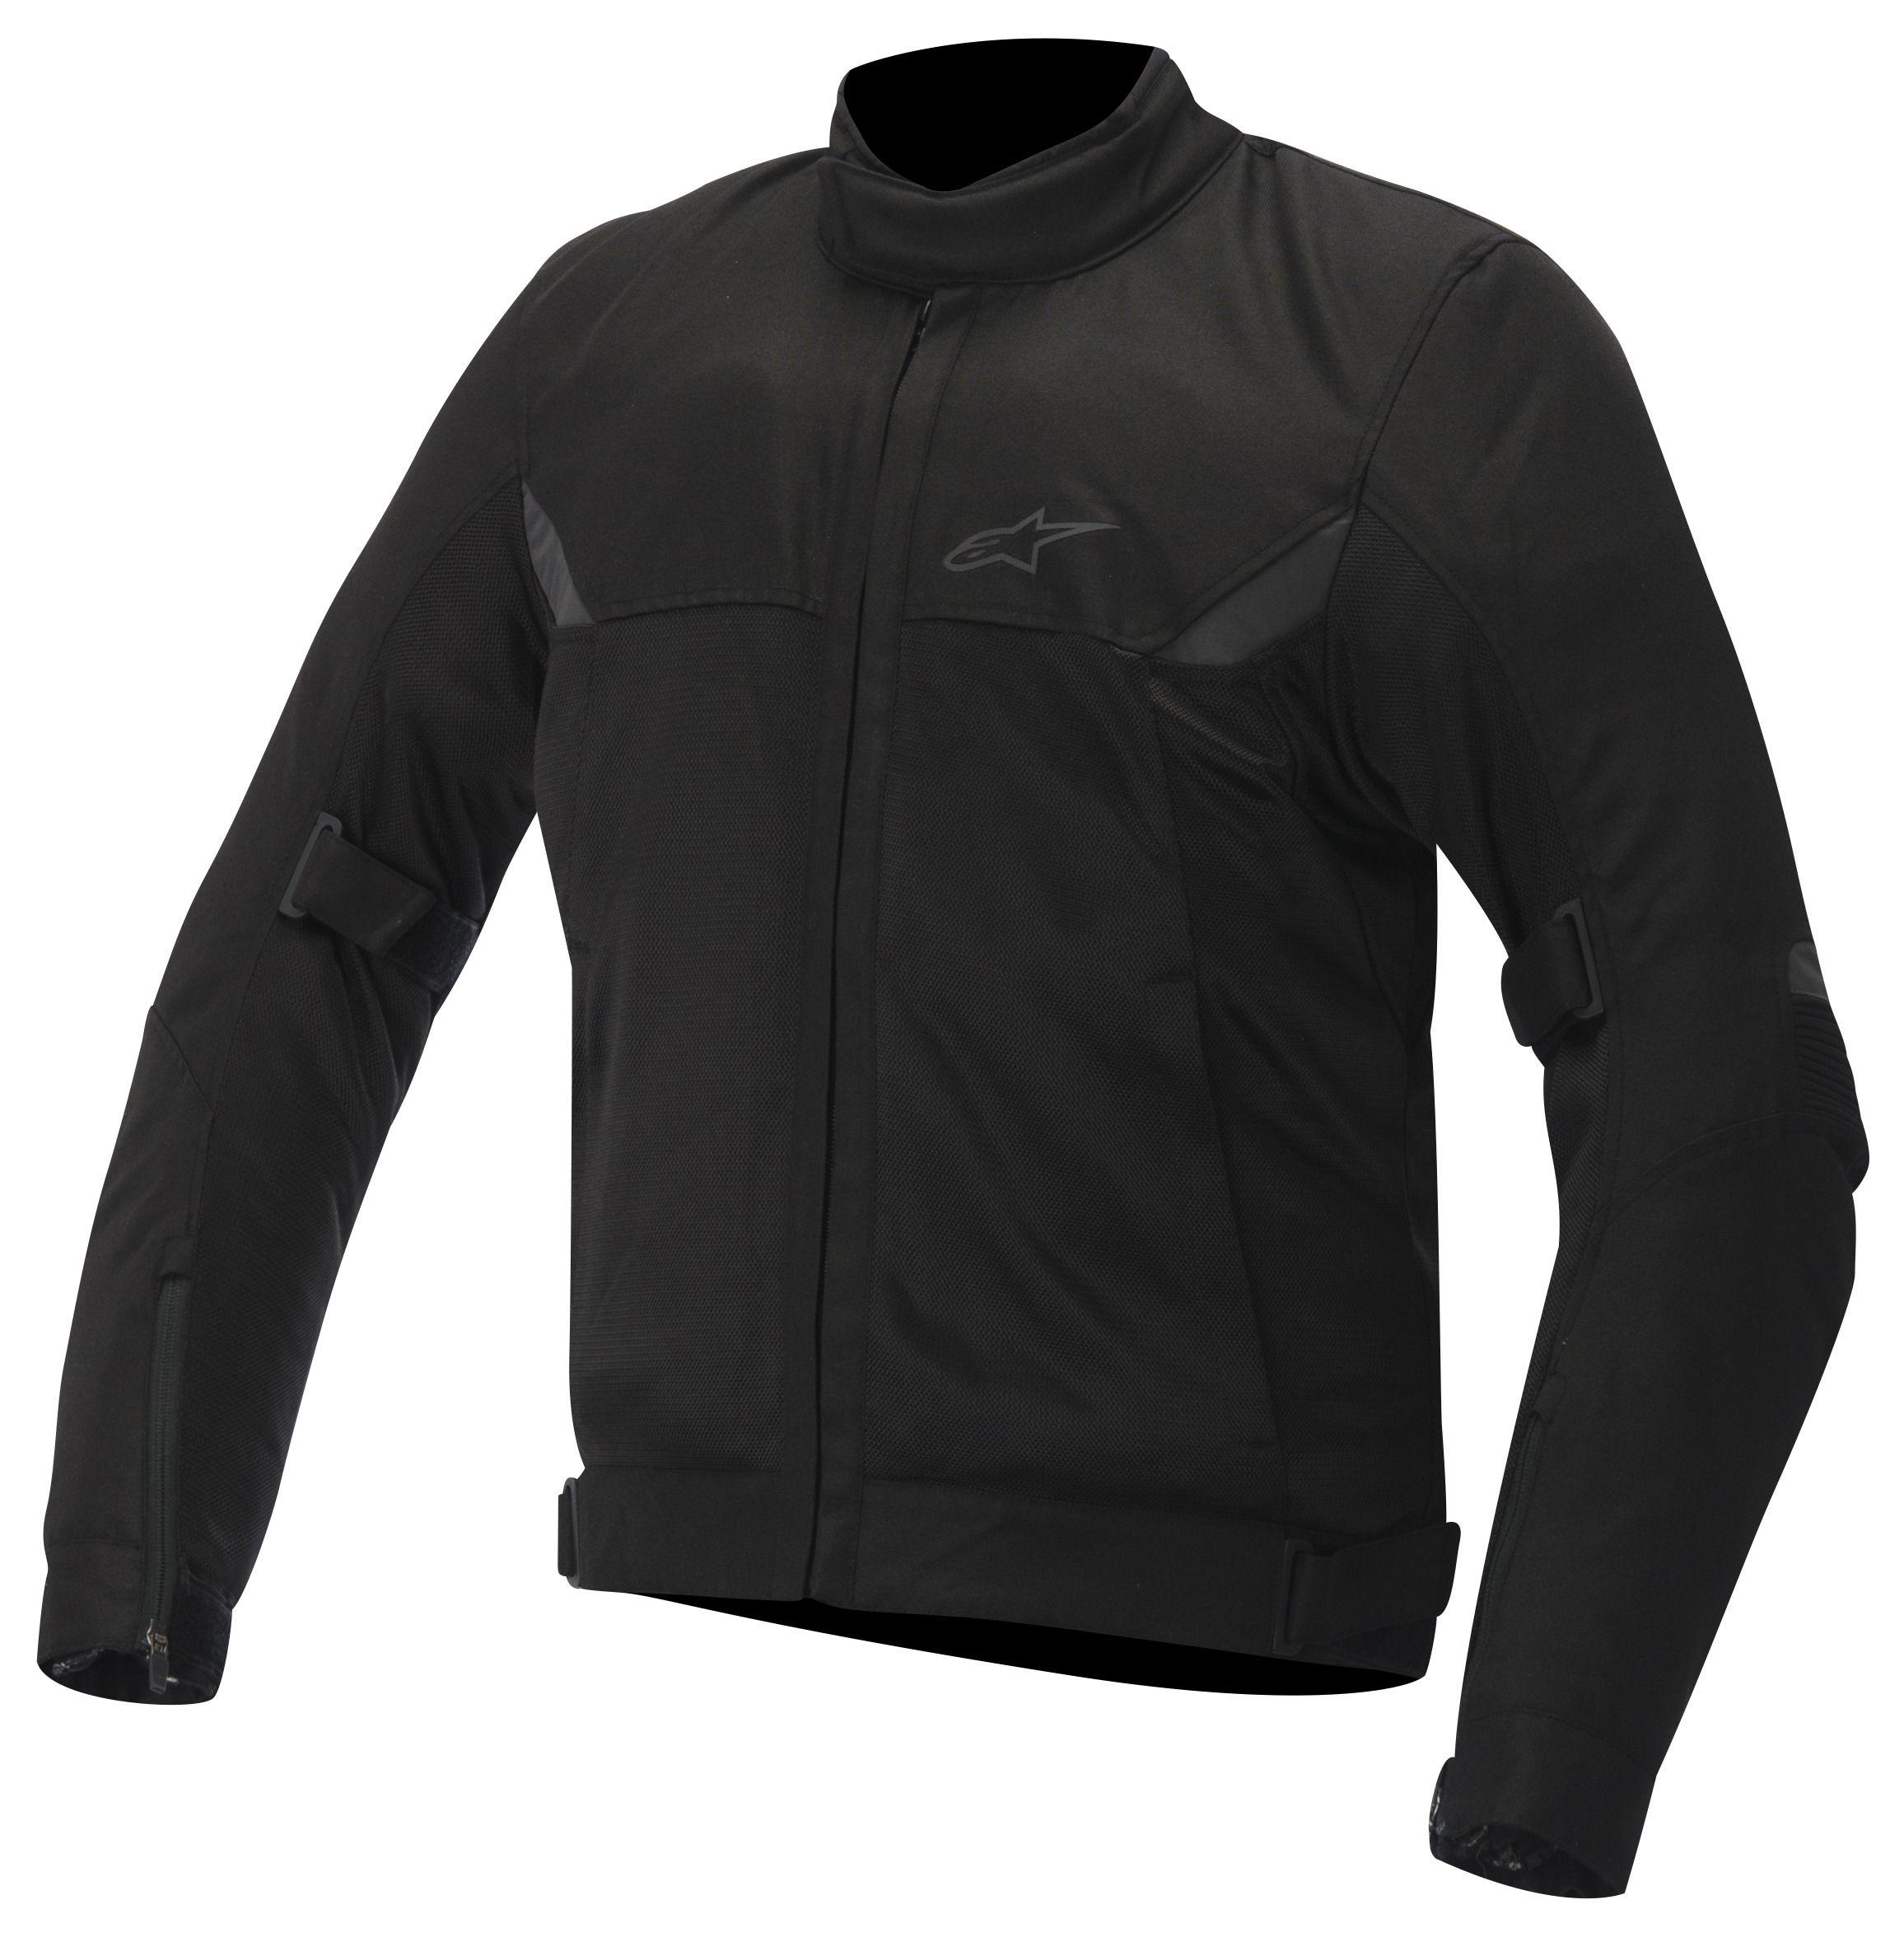 Alpine Motorcycle Gear >> Alpinestars Quasar Jacket 29 72 49 Off Revzilla